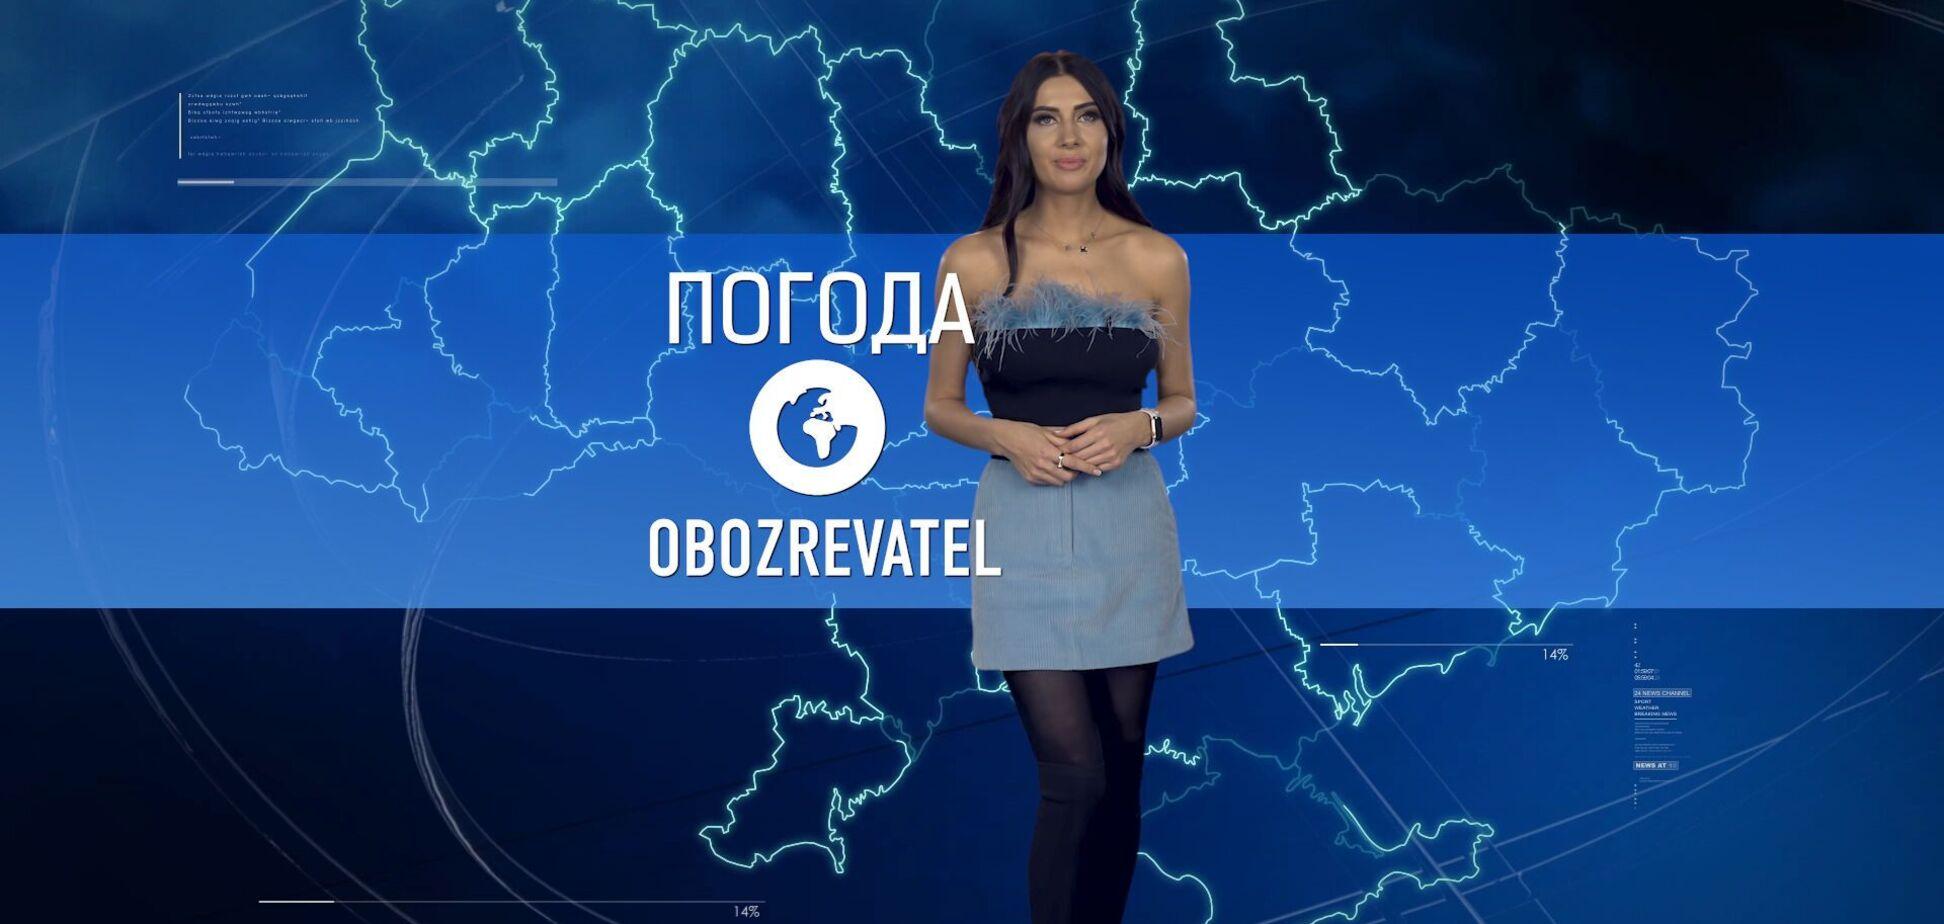 Прогноз погоди в Україні на суботу 26 грудня, з Алісою Мярковською